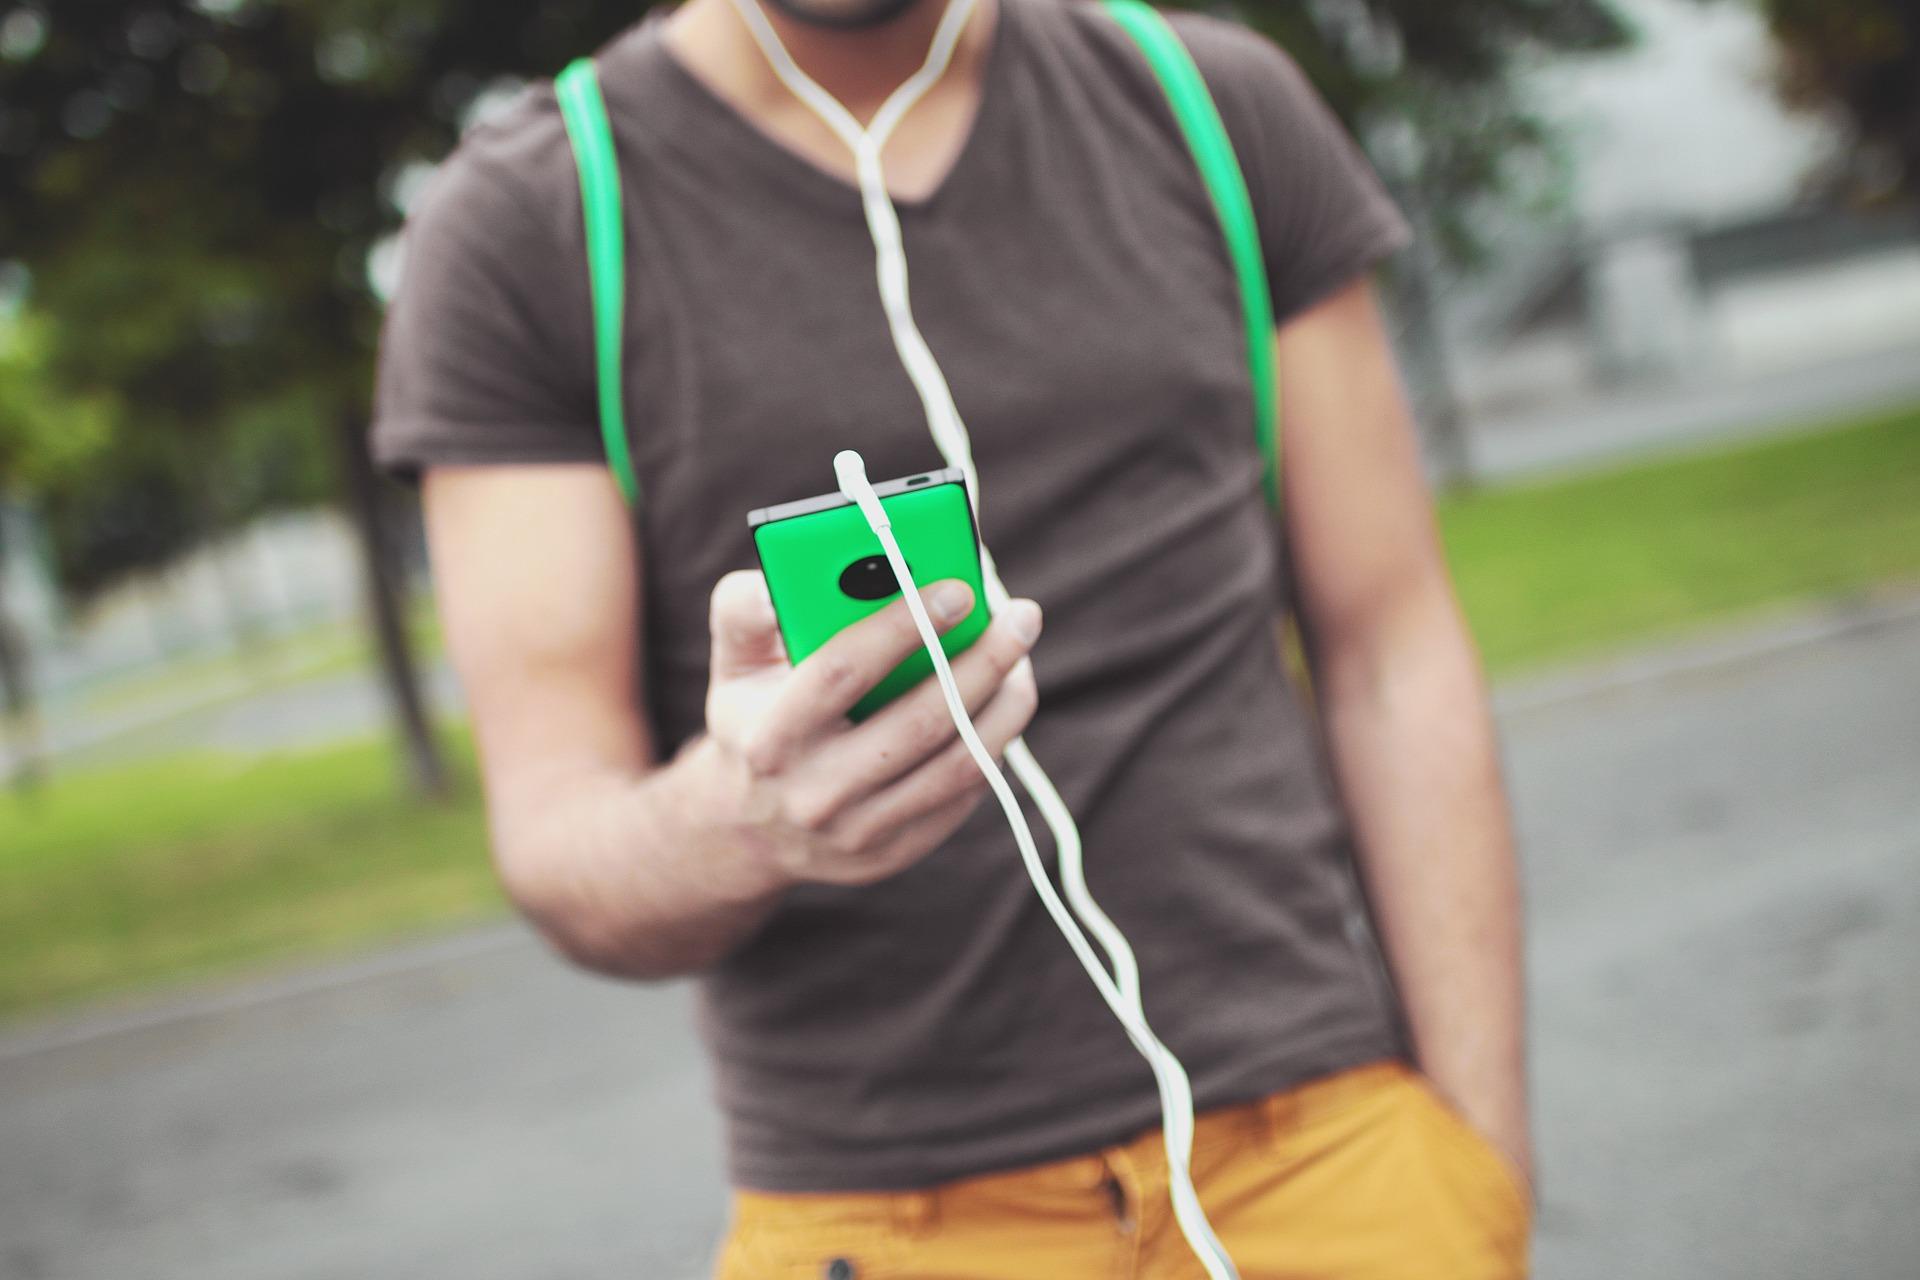 aumentar y mejorar el sonido del móvil